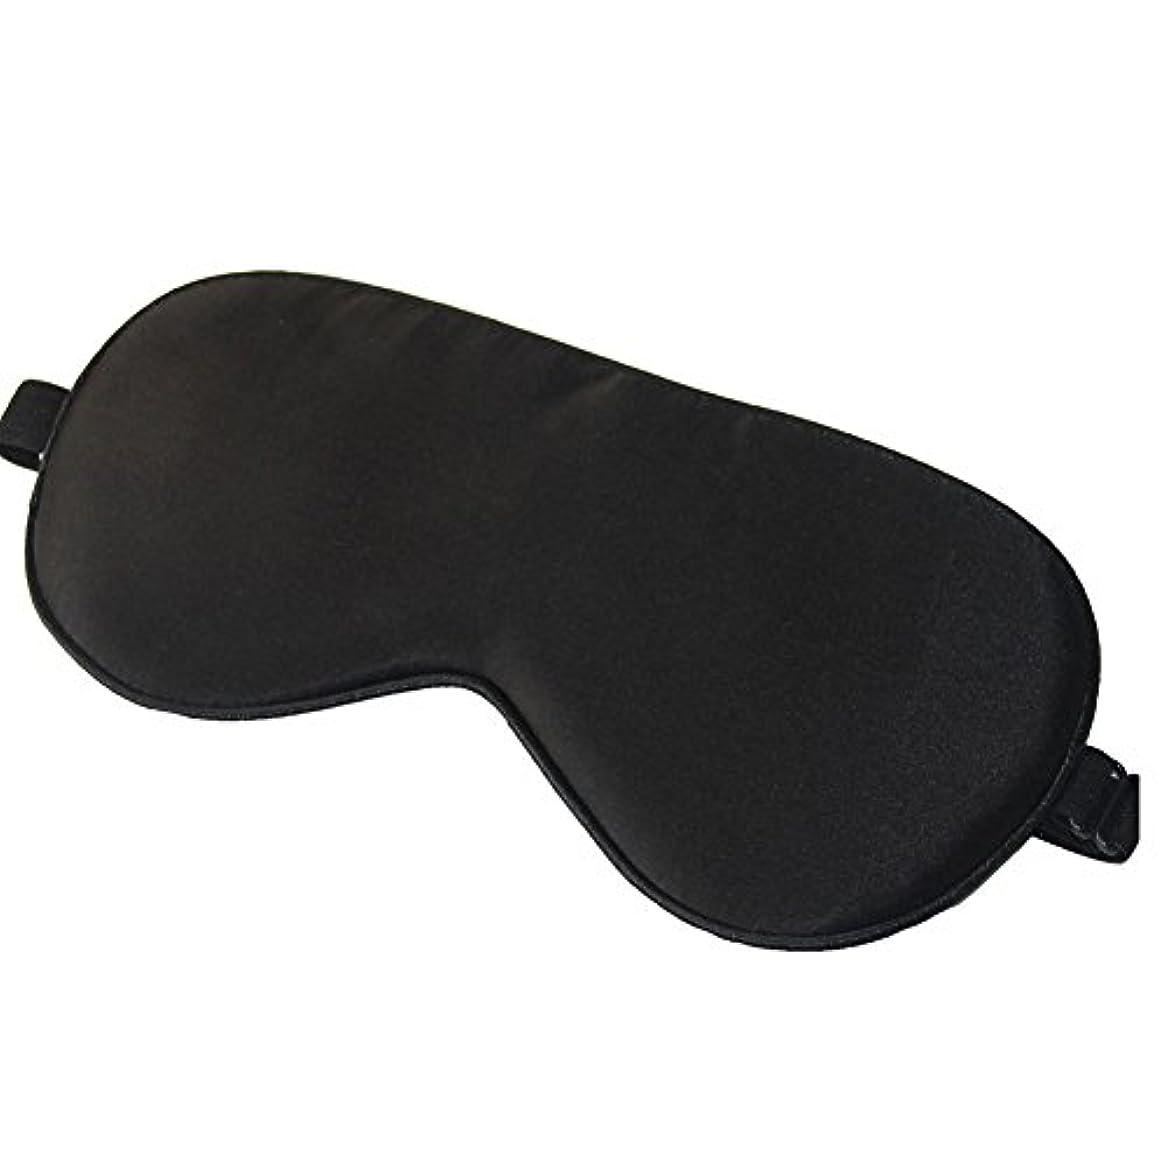 貸し手自動車ミサイルHOPEFORTH かシルク100%のおしゃれな高級アイマスク 肌心地が抜群で、快眠をお手 伝い